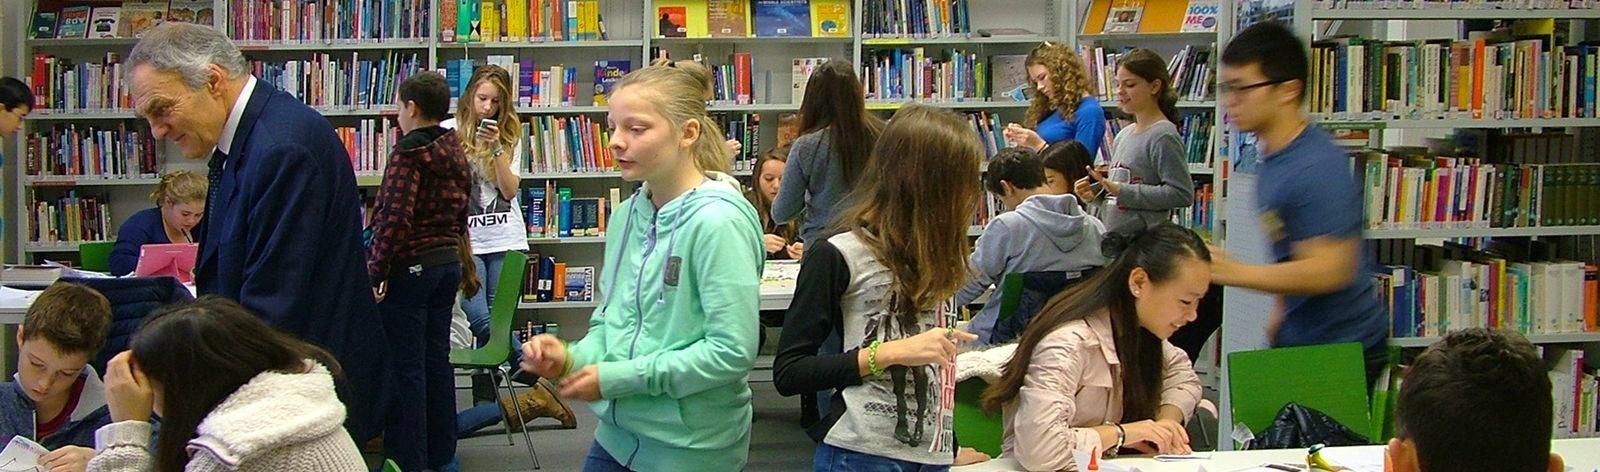 brillantmont-boarding-school-library-205.jpg